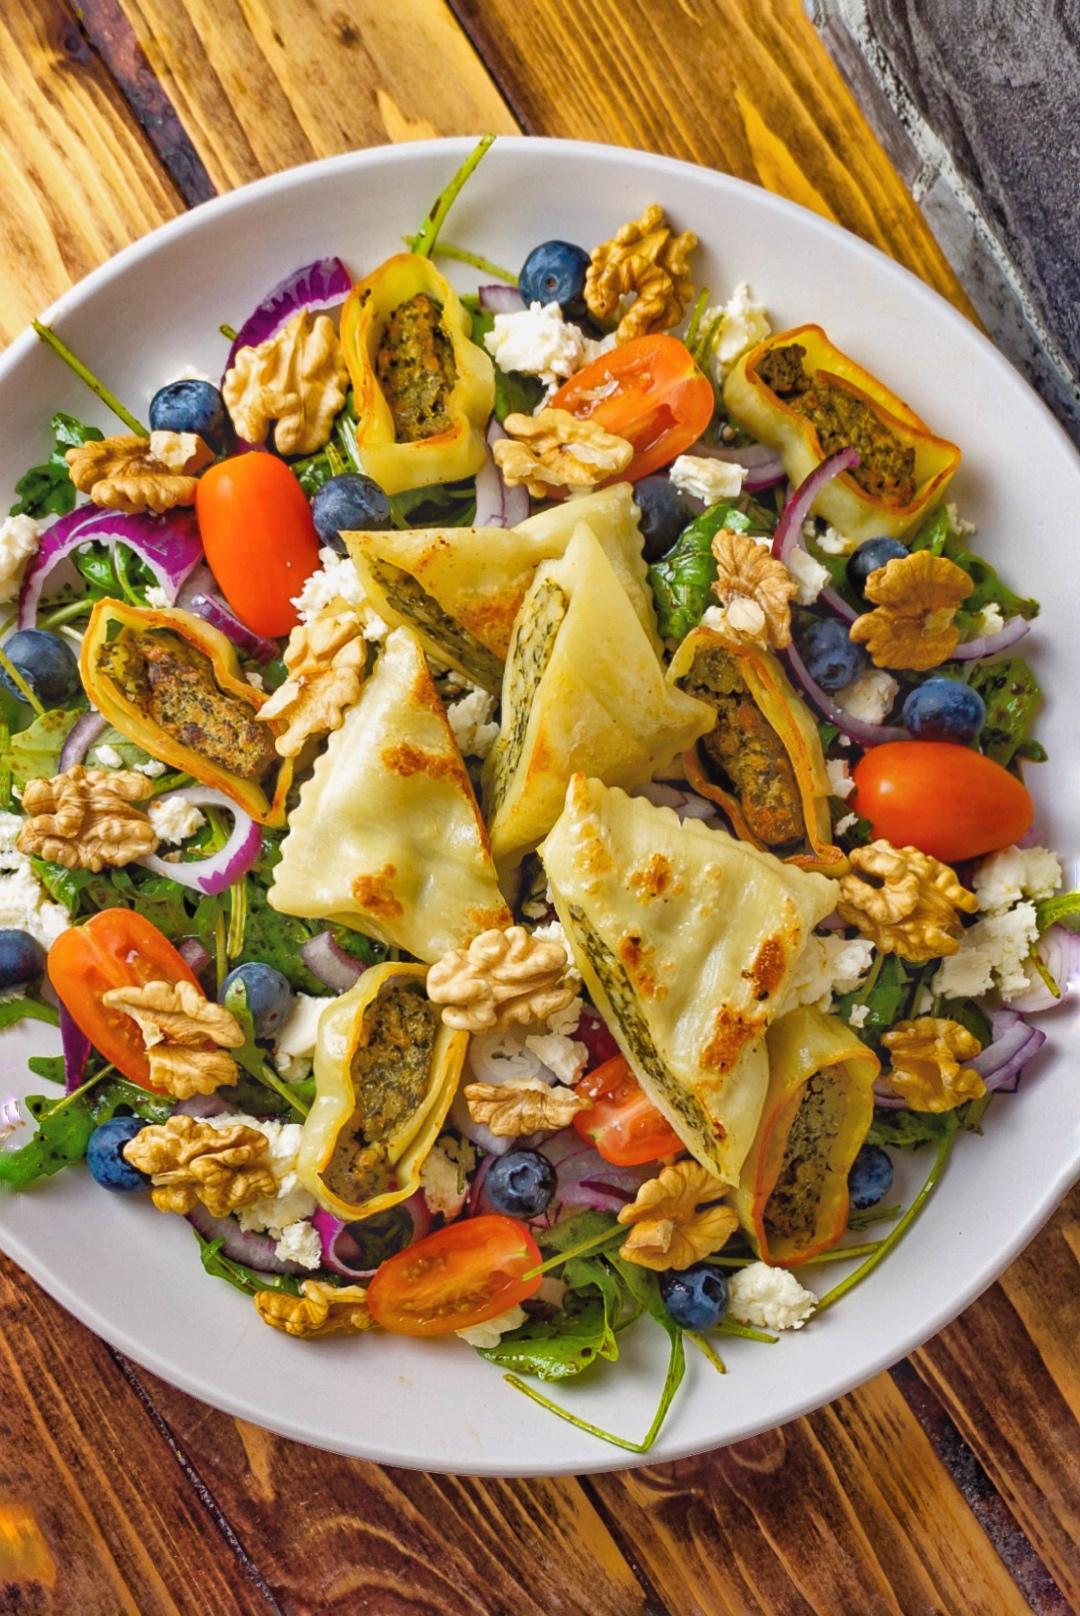 Wintersalat mit veganen Maultaschen